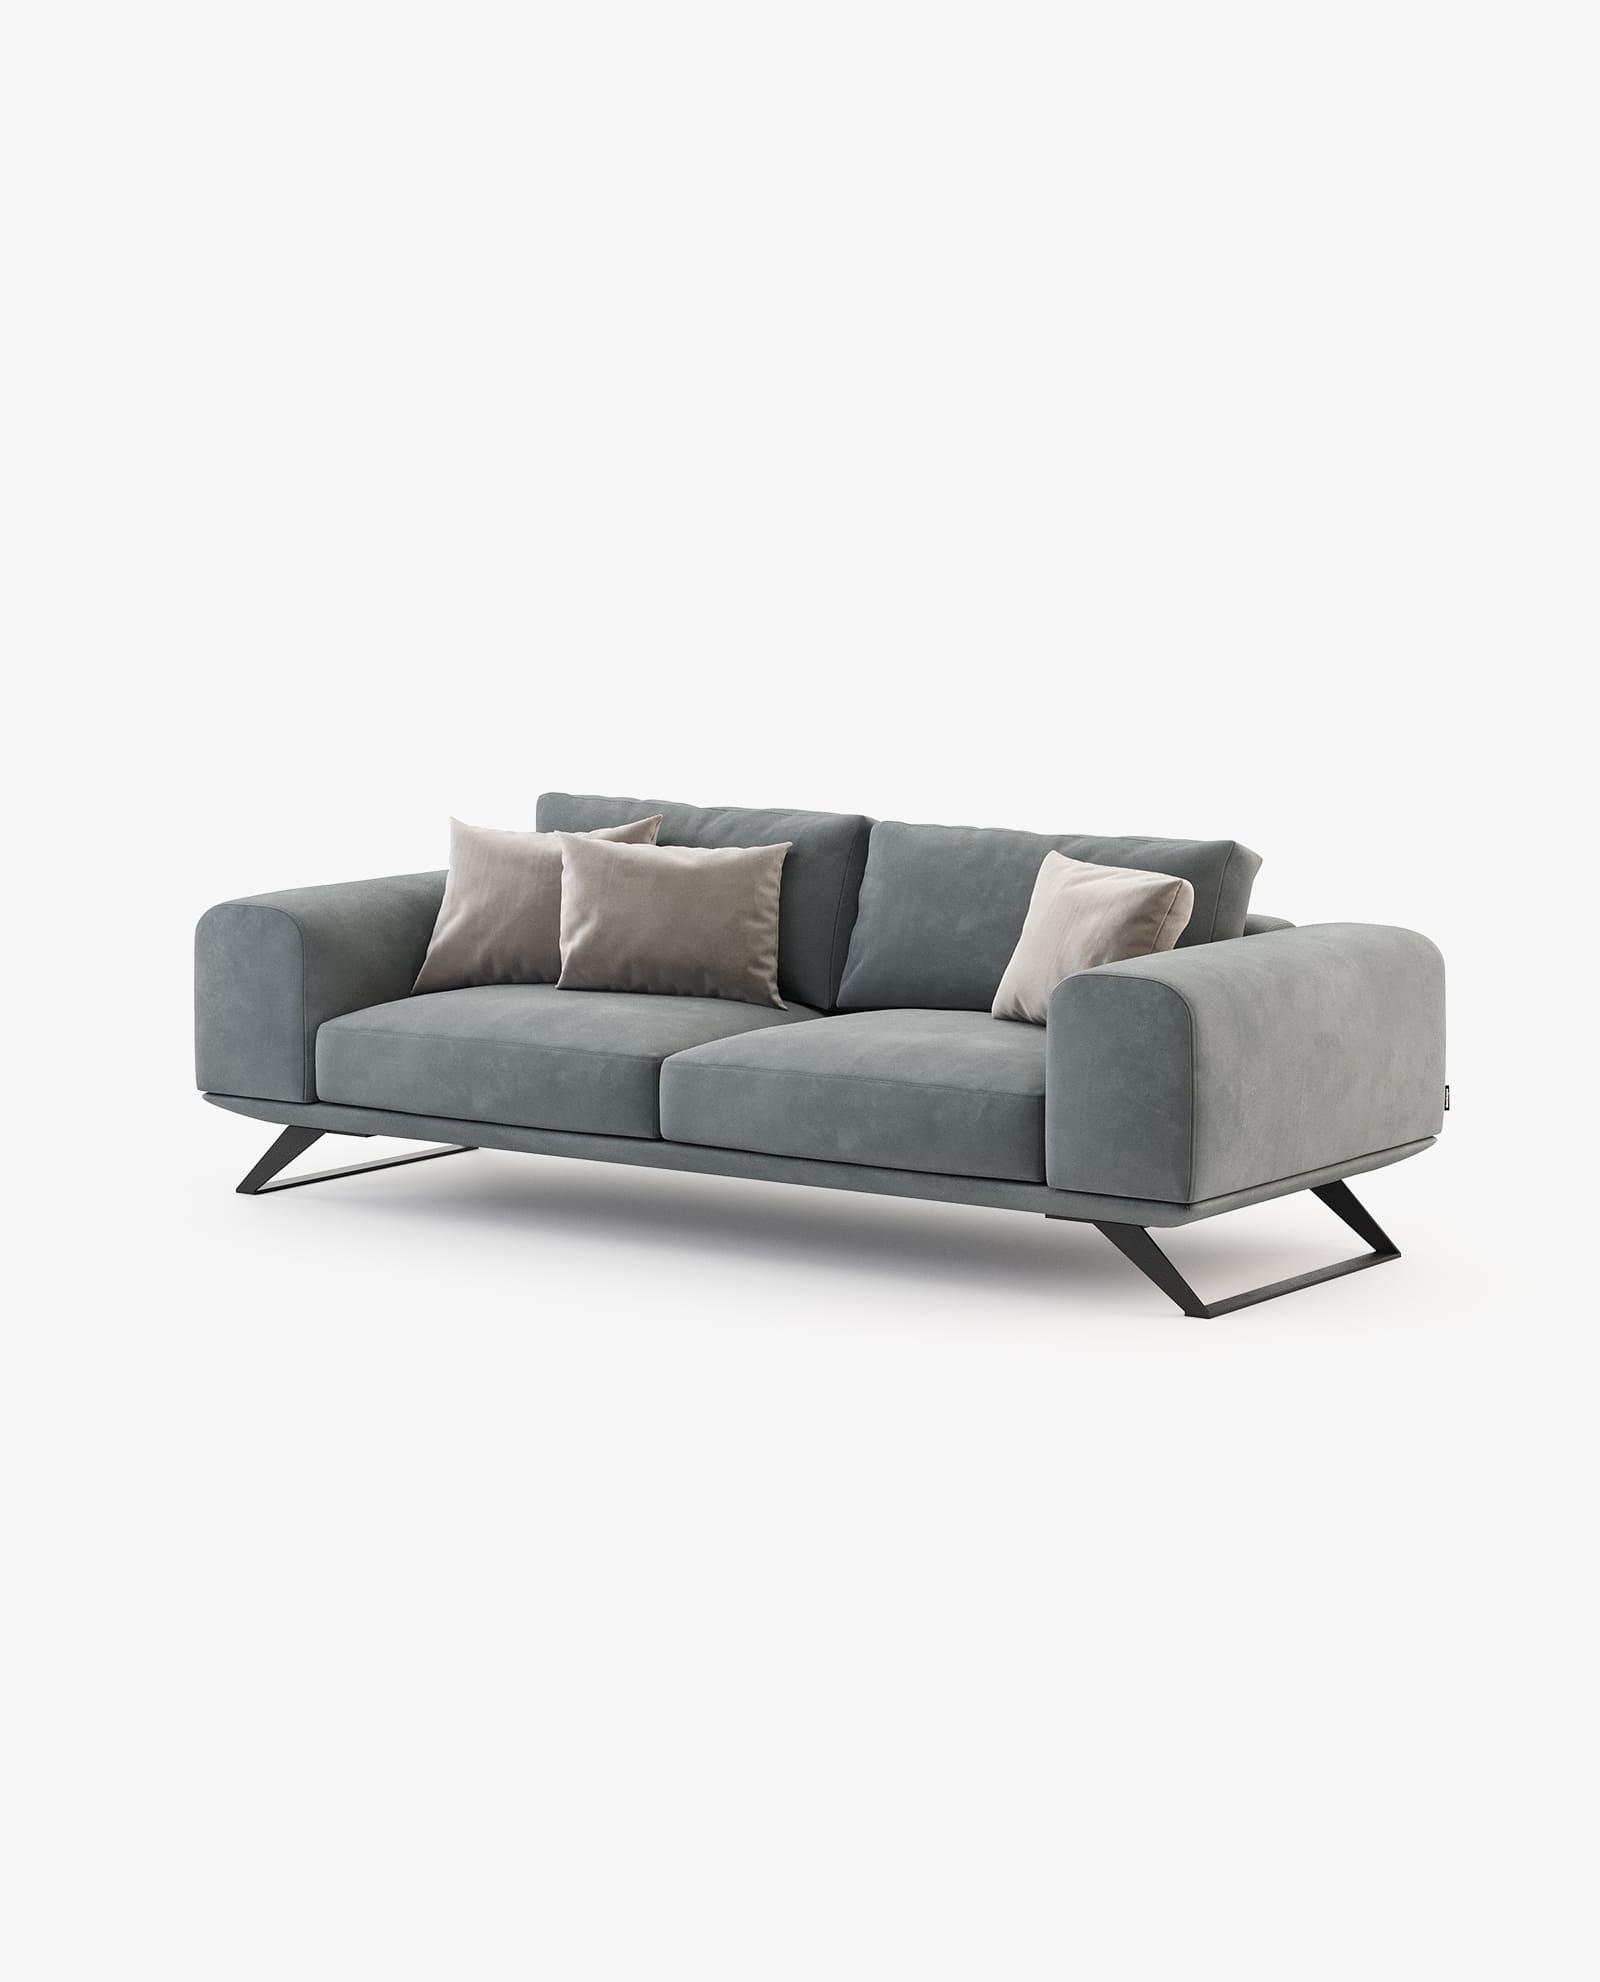 sofá 3 lugares em veludo